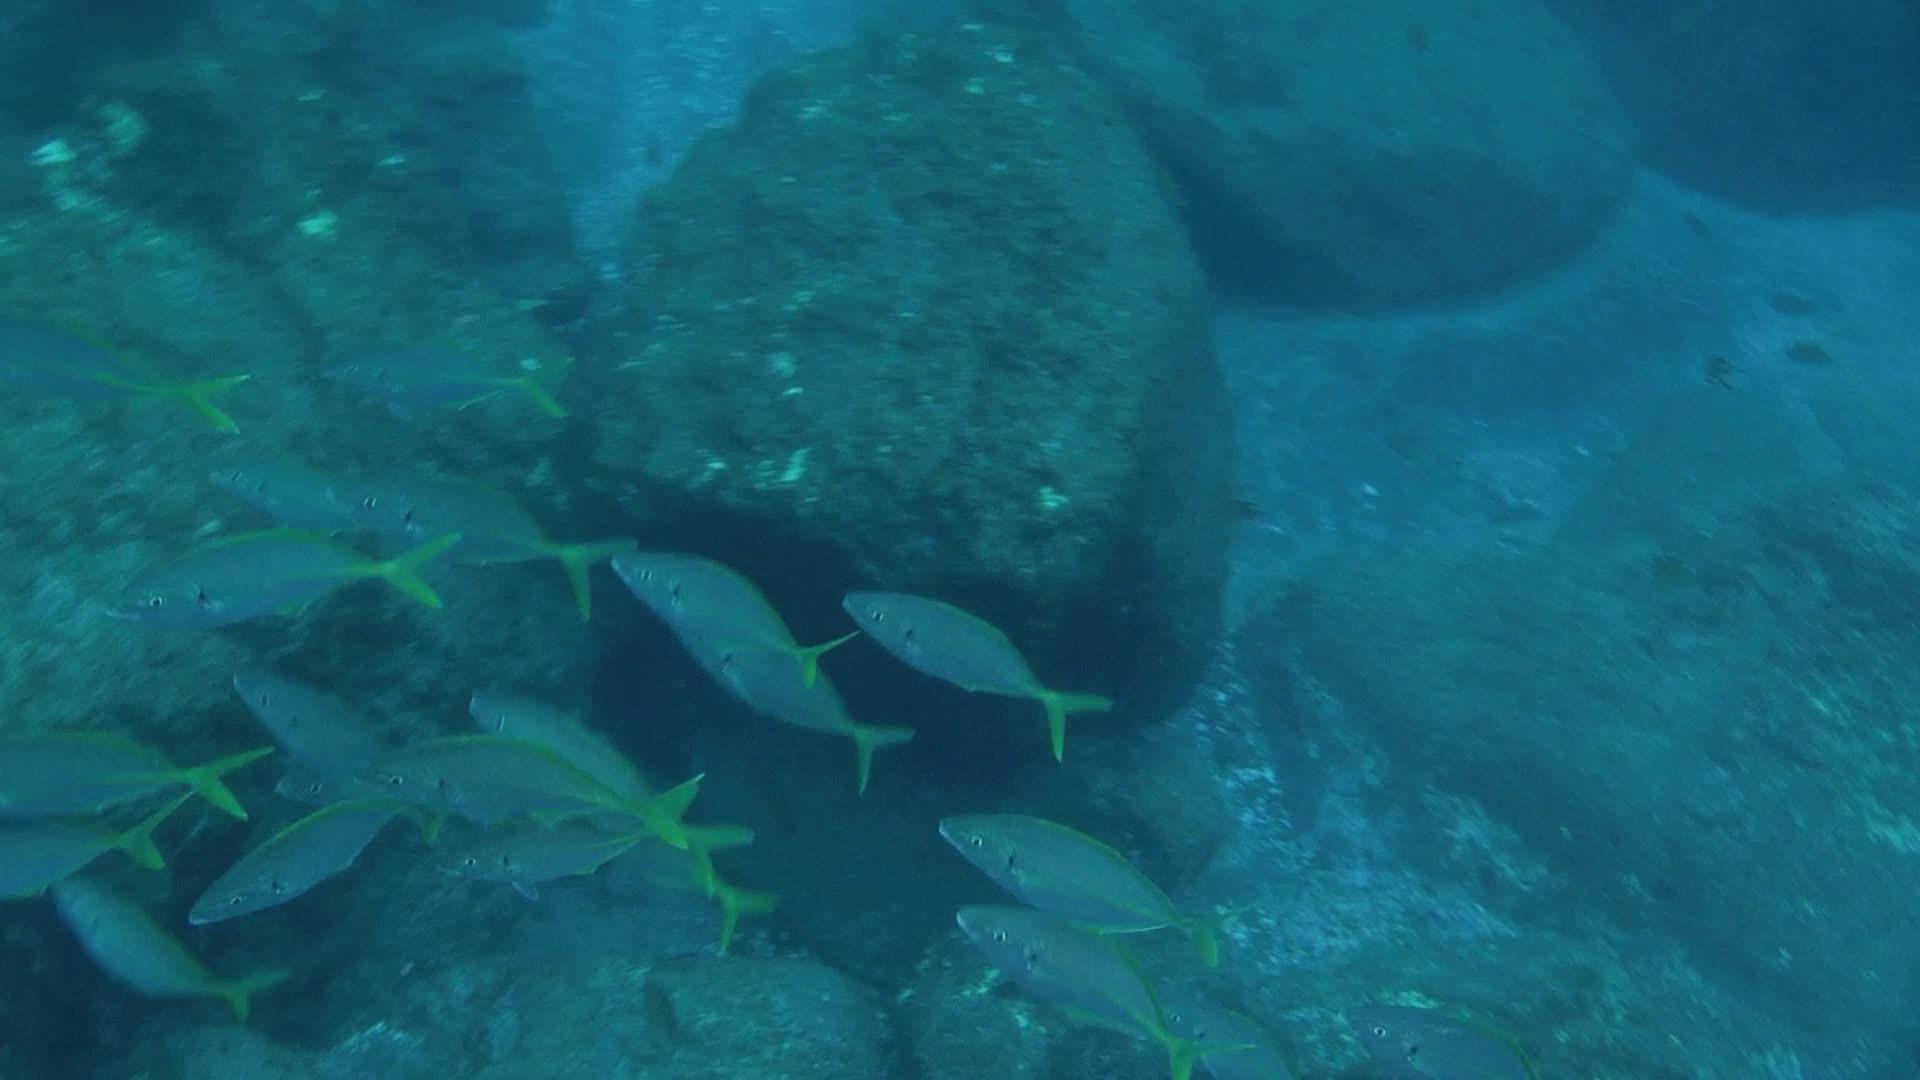 Азорские острова 3D. Часть 1: Акулы, киты, манты